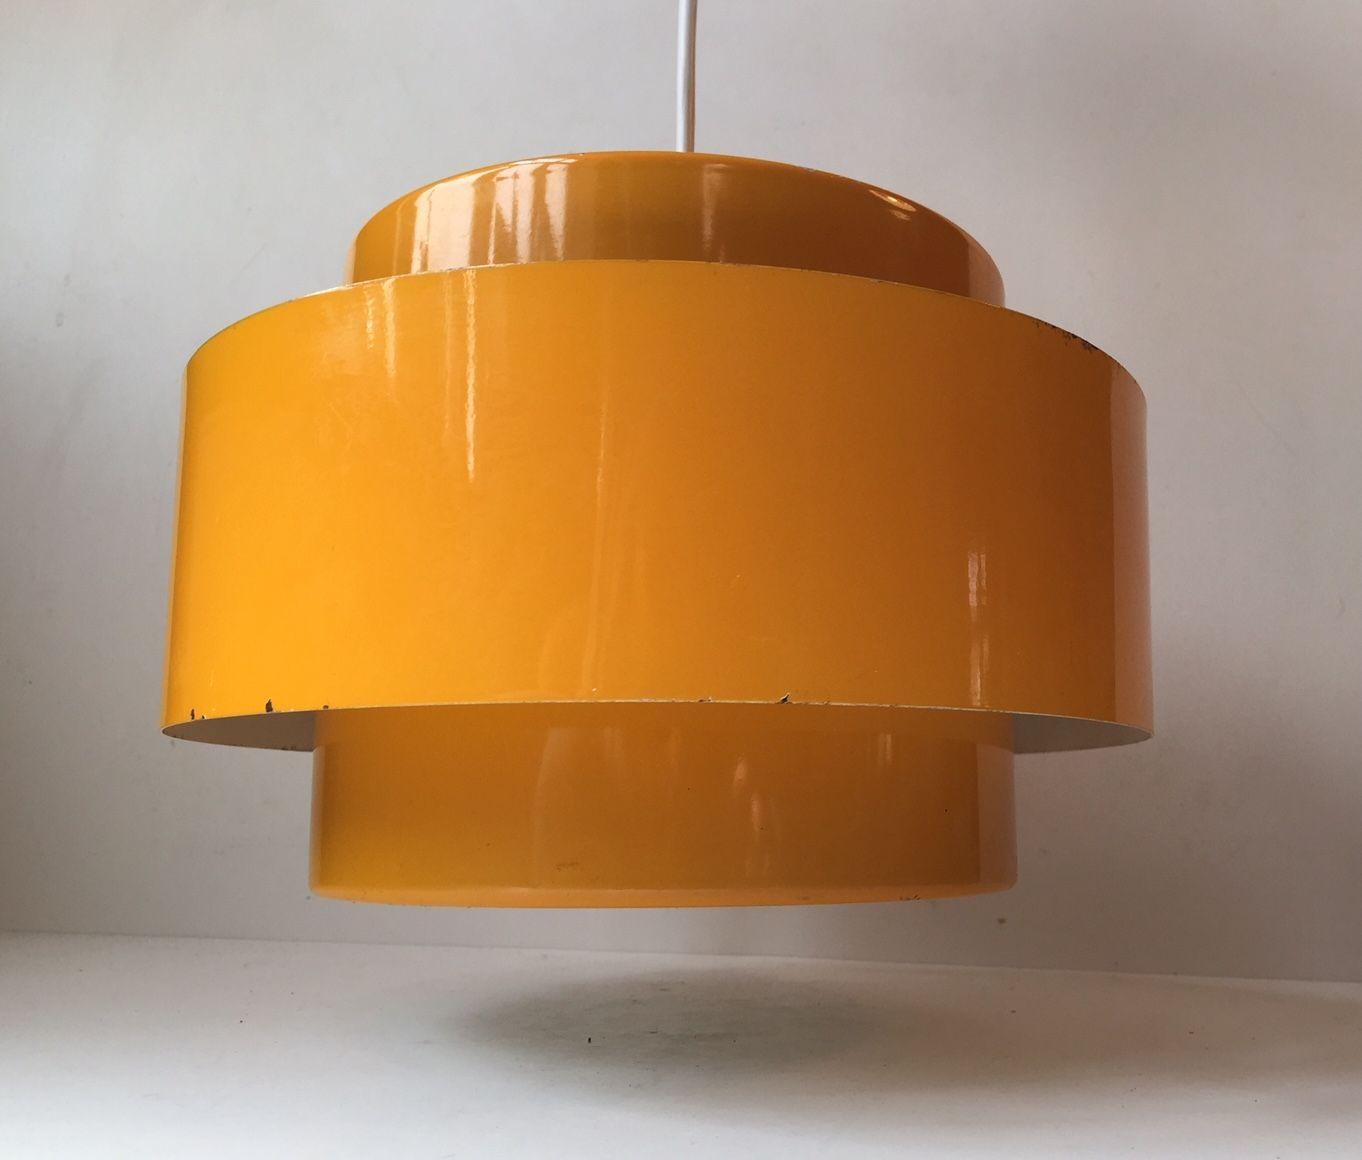 Led Deckenleuchte Rund 80 Cm Deckenleuchten Shop Dimmbar Deckenleuchten Wohnzimmer Deckenlampe Rund Esszimmer Lampe Le Deckenleuchten Lampe Hange Lampe